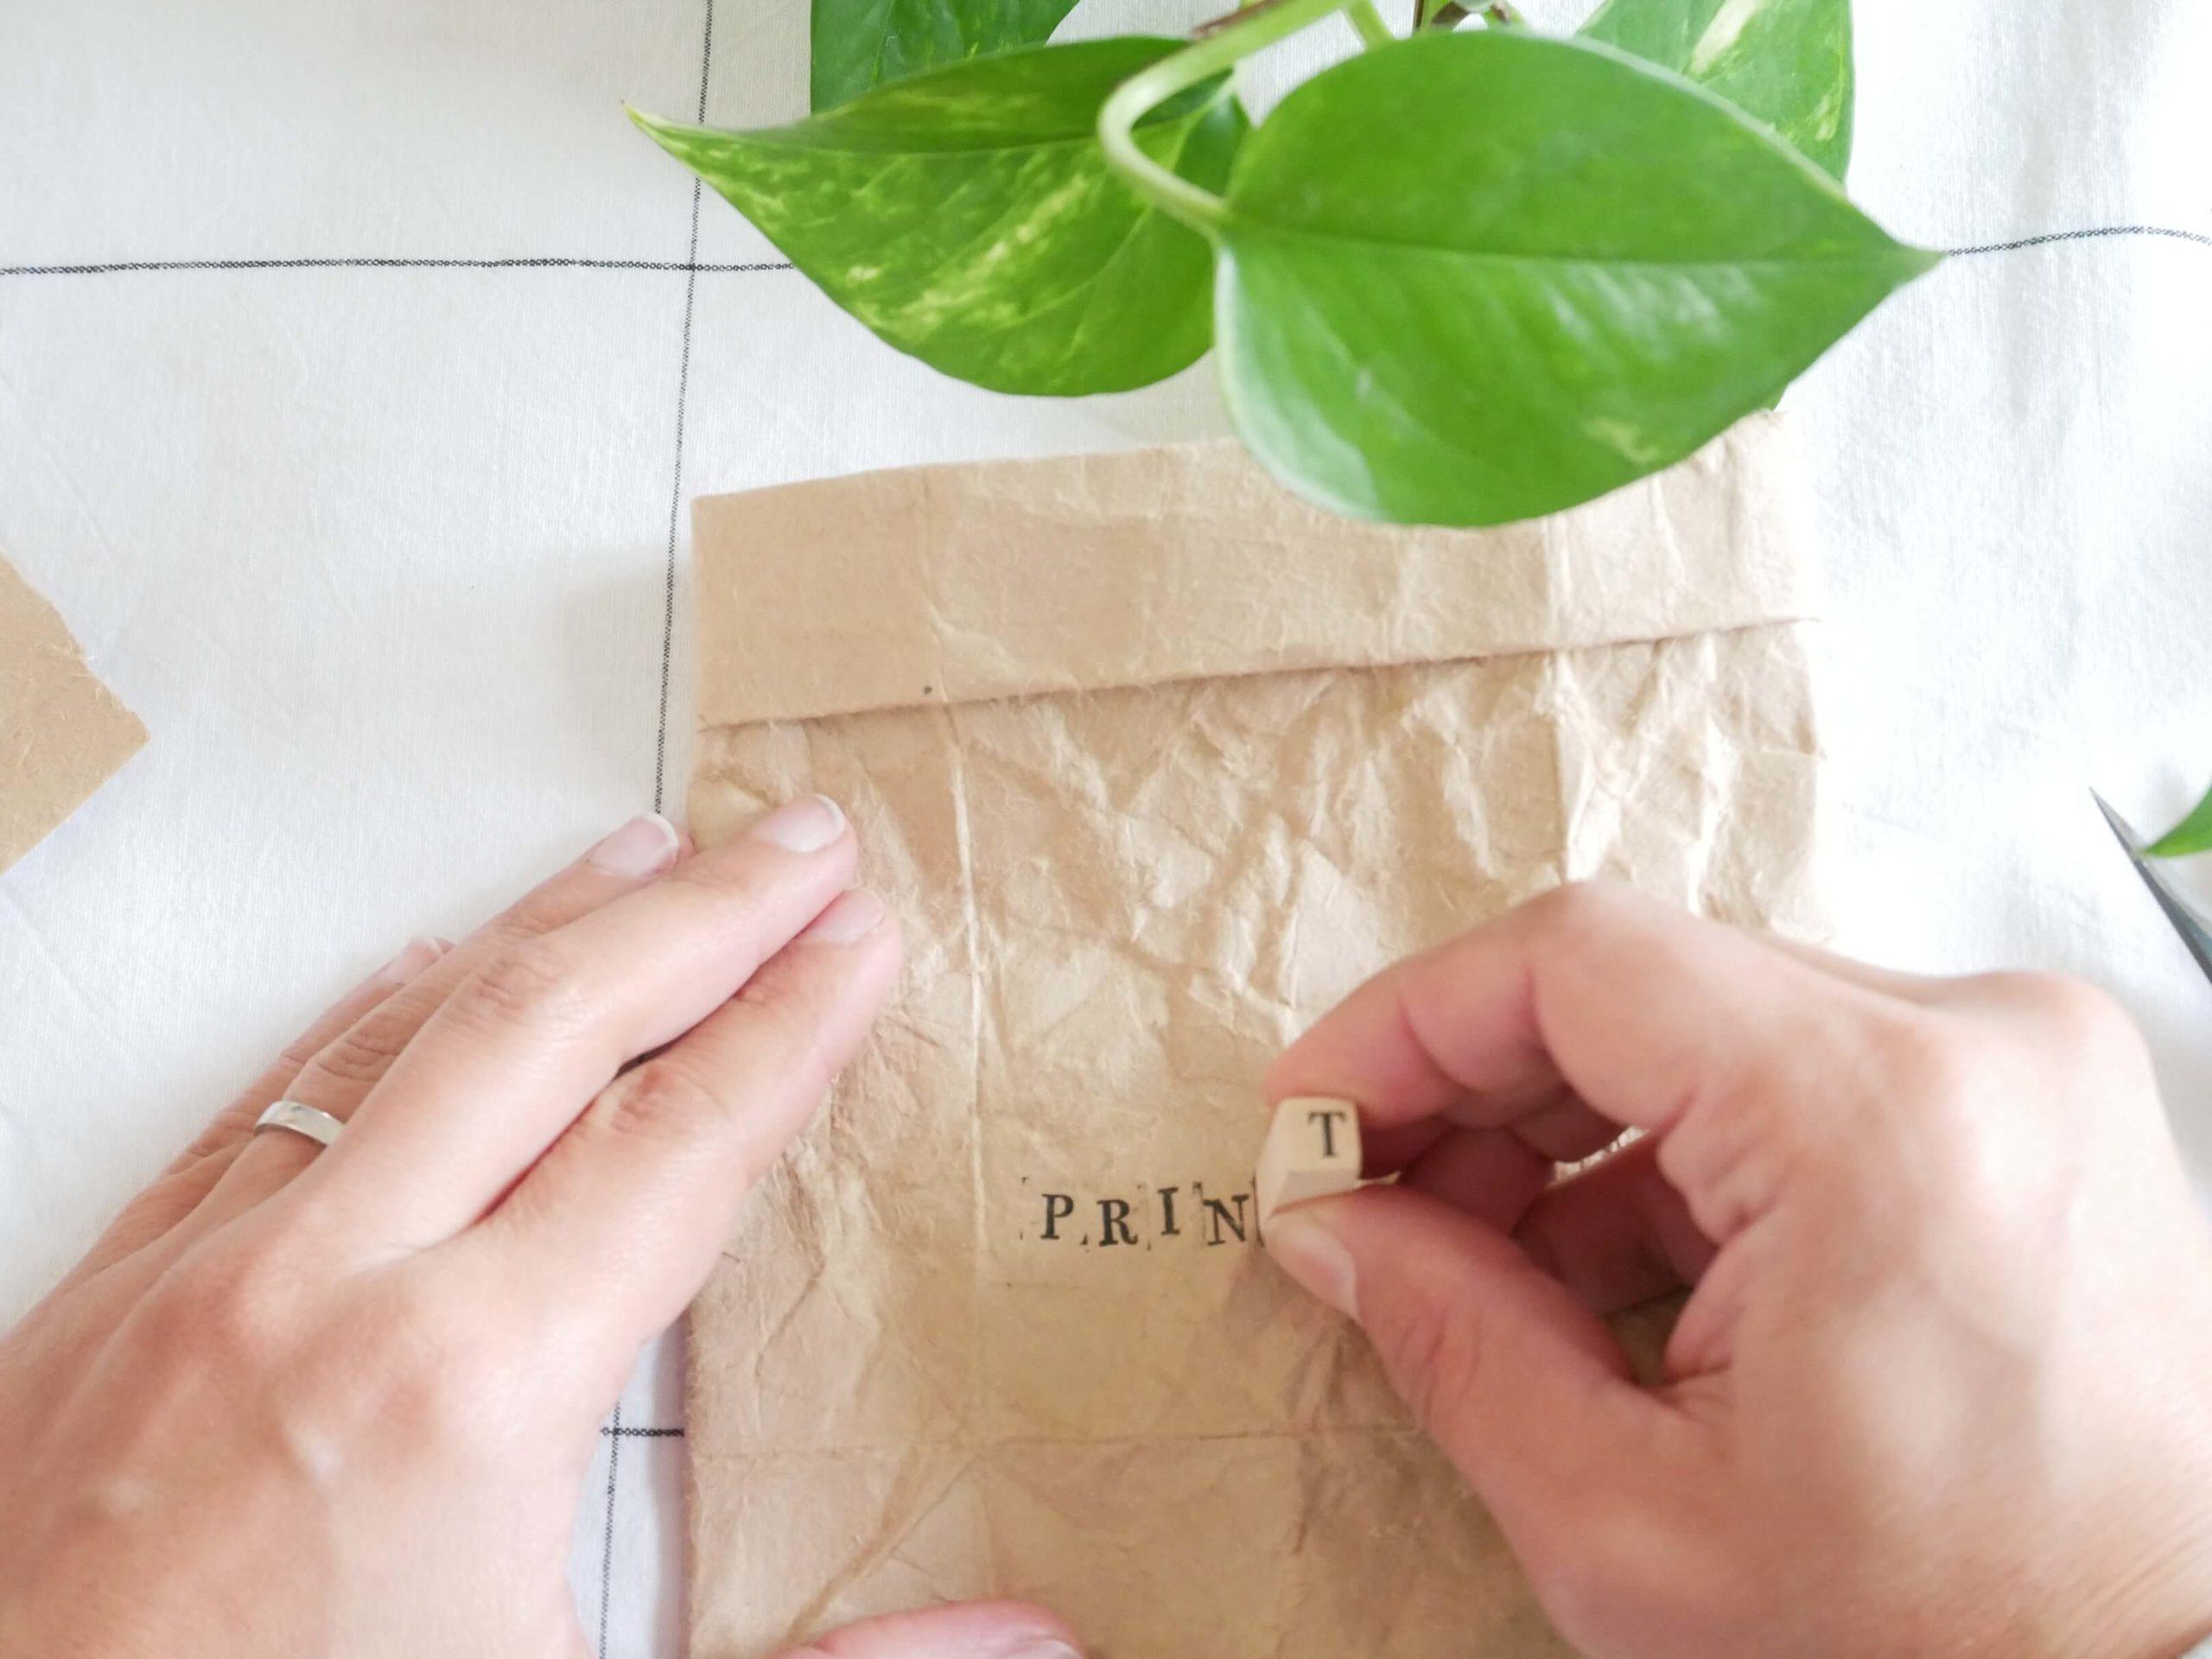 tutoriel-recyclage-vase-tampon2-lesateliersdangelique-auboulotcocotte